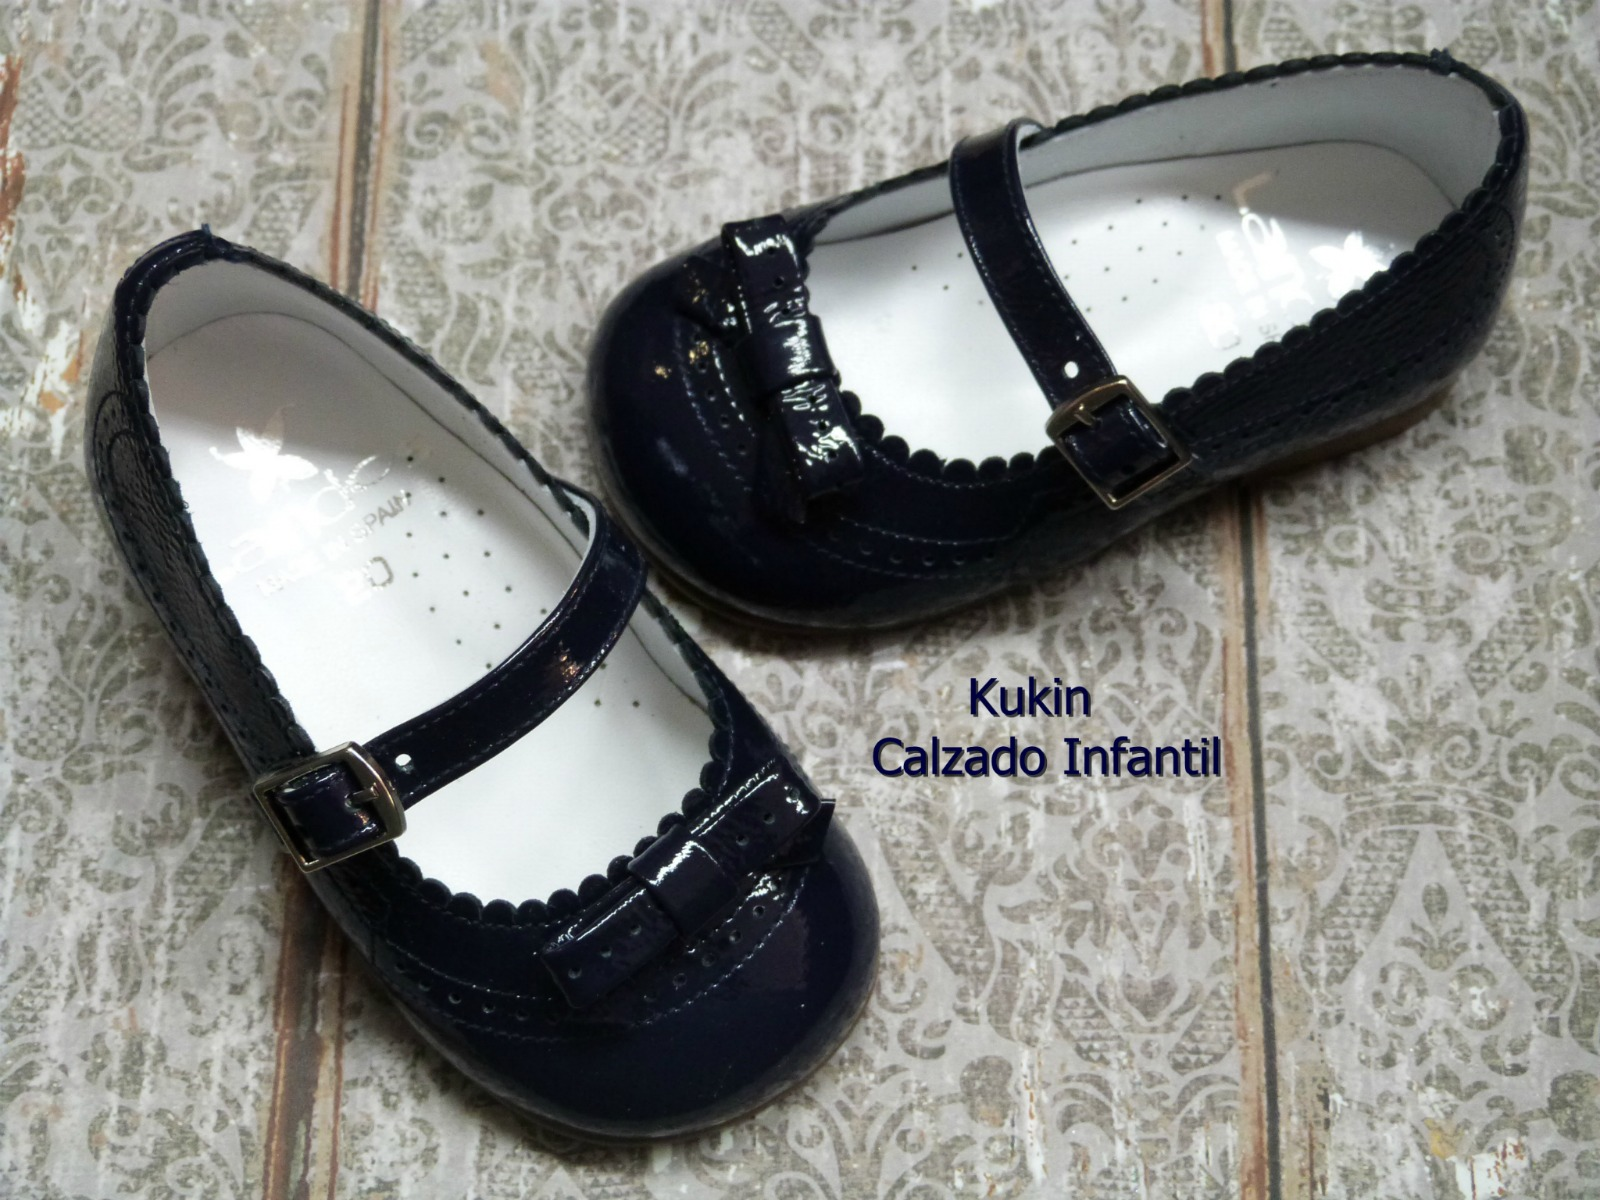 Outlet calzado infantil kukin calzado infantil blog - Charol zapateria ...